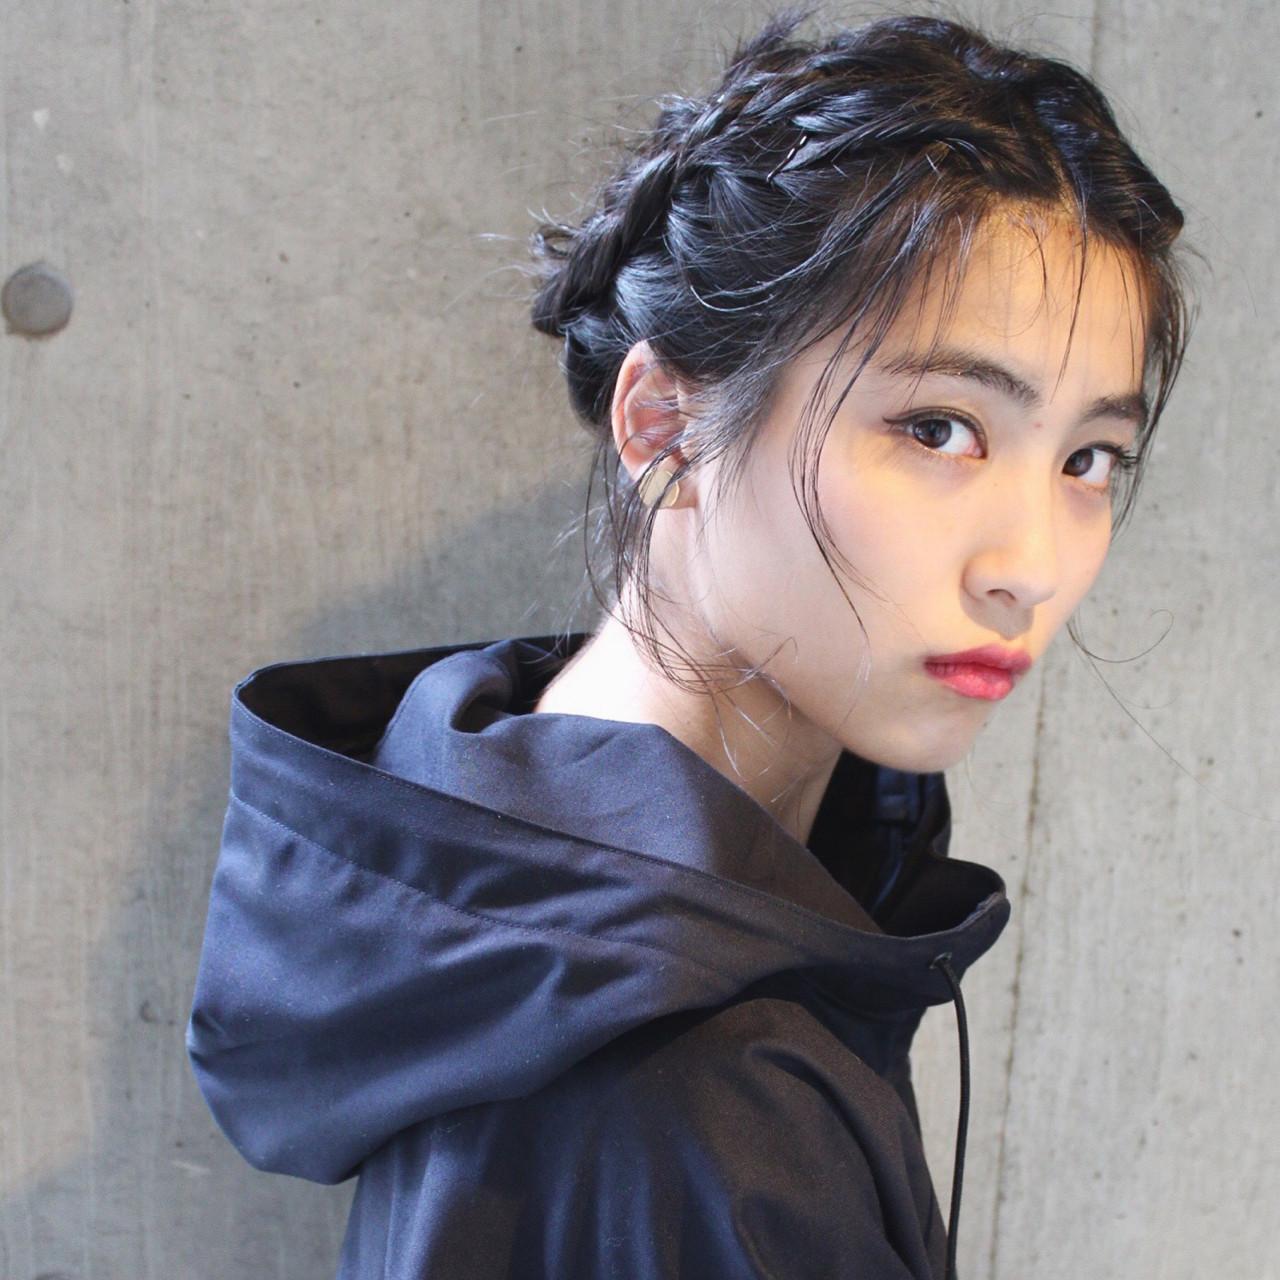 黒髪 簡単ヘアアレンジ ハーフアップ ミディアム ヘアスタイルや髪型の写真・画像